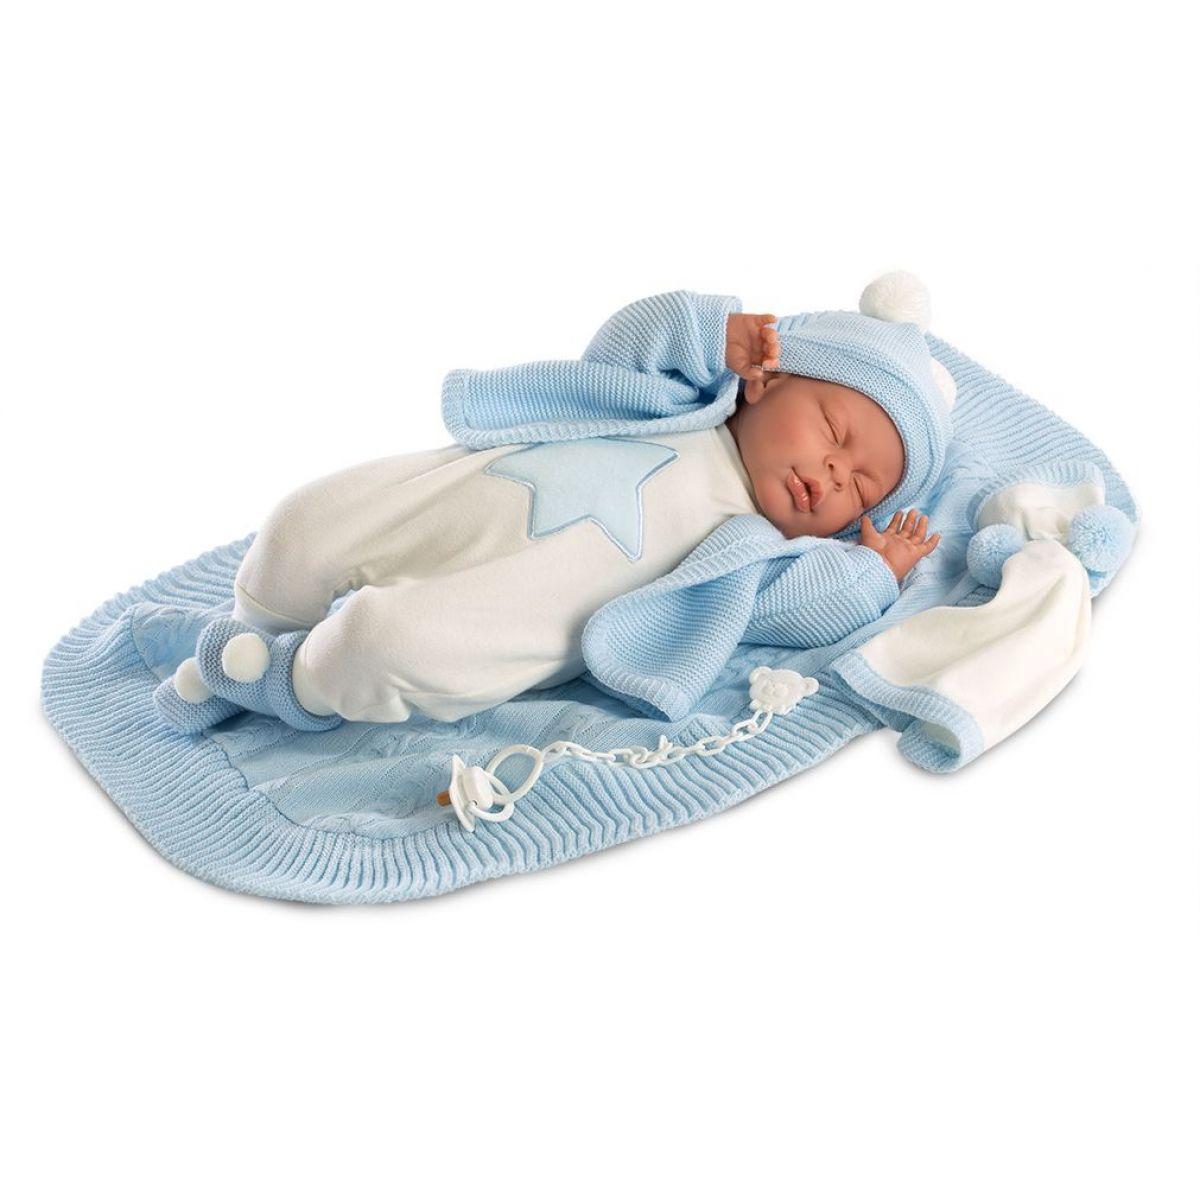 Llorens Panenka New Born spící 74045